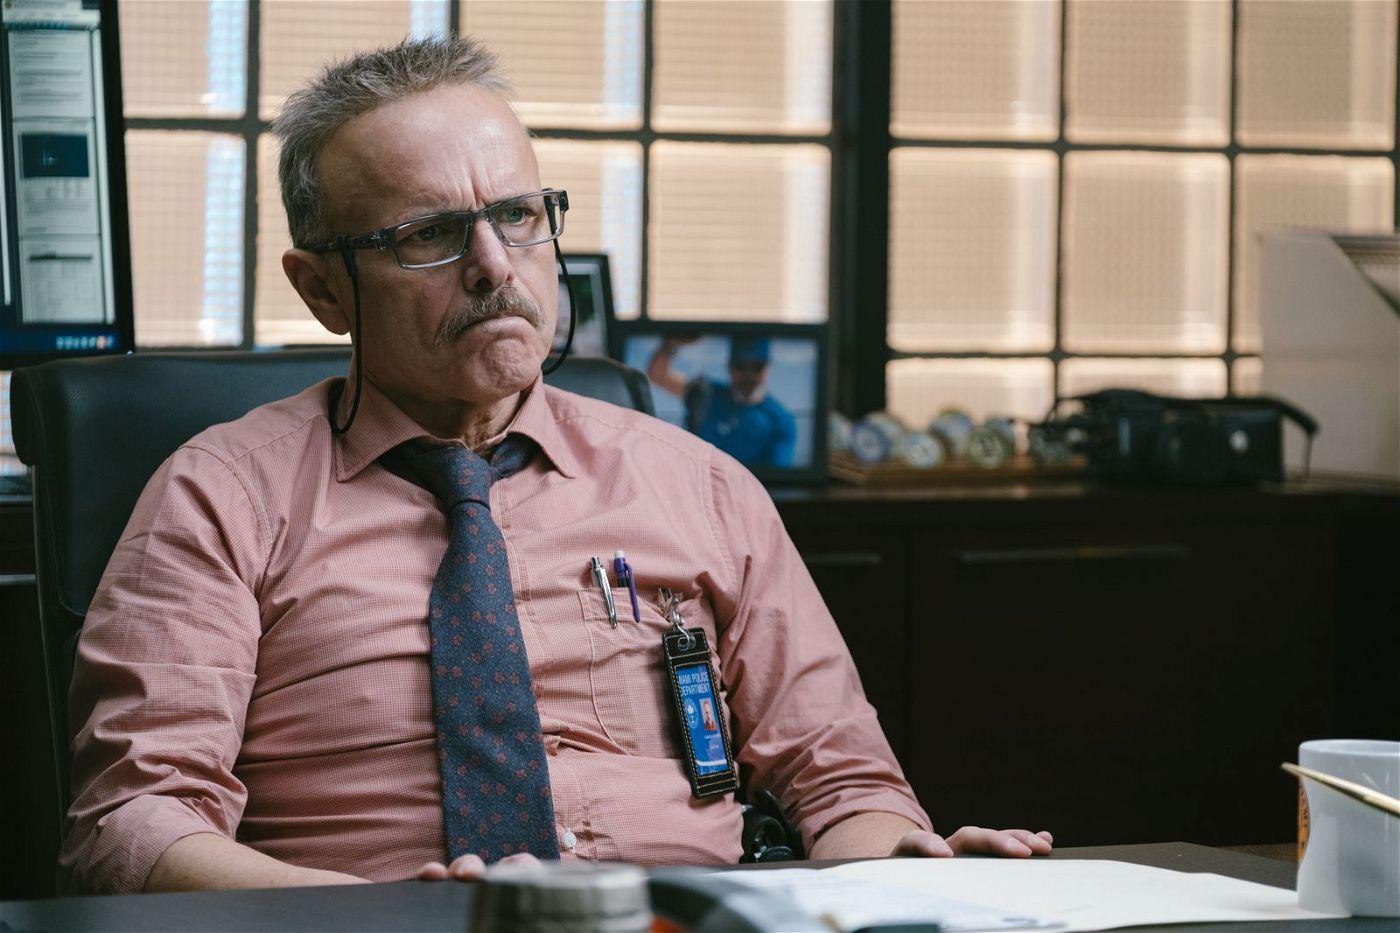 Die Drogenfahnder Mike und Marcus treiben ihren Chef, Captain Howard (Joe Pantoliano), regelmäßig in den Wahnsinn.